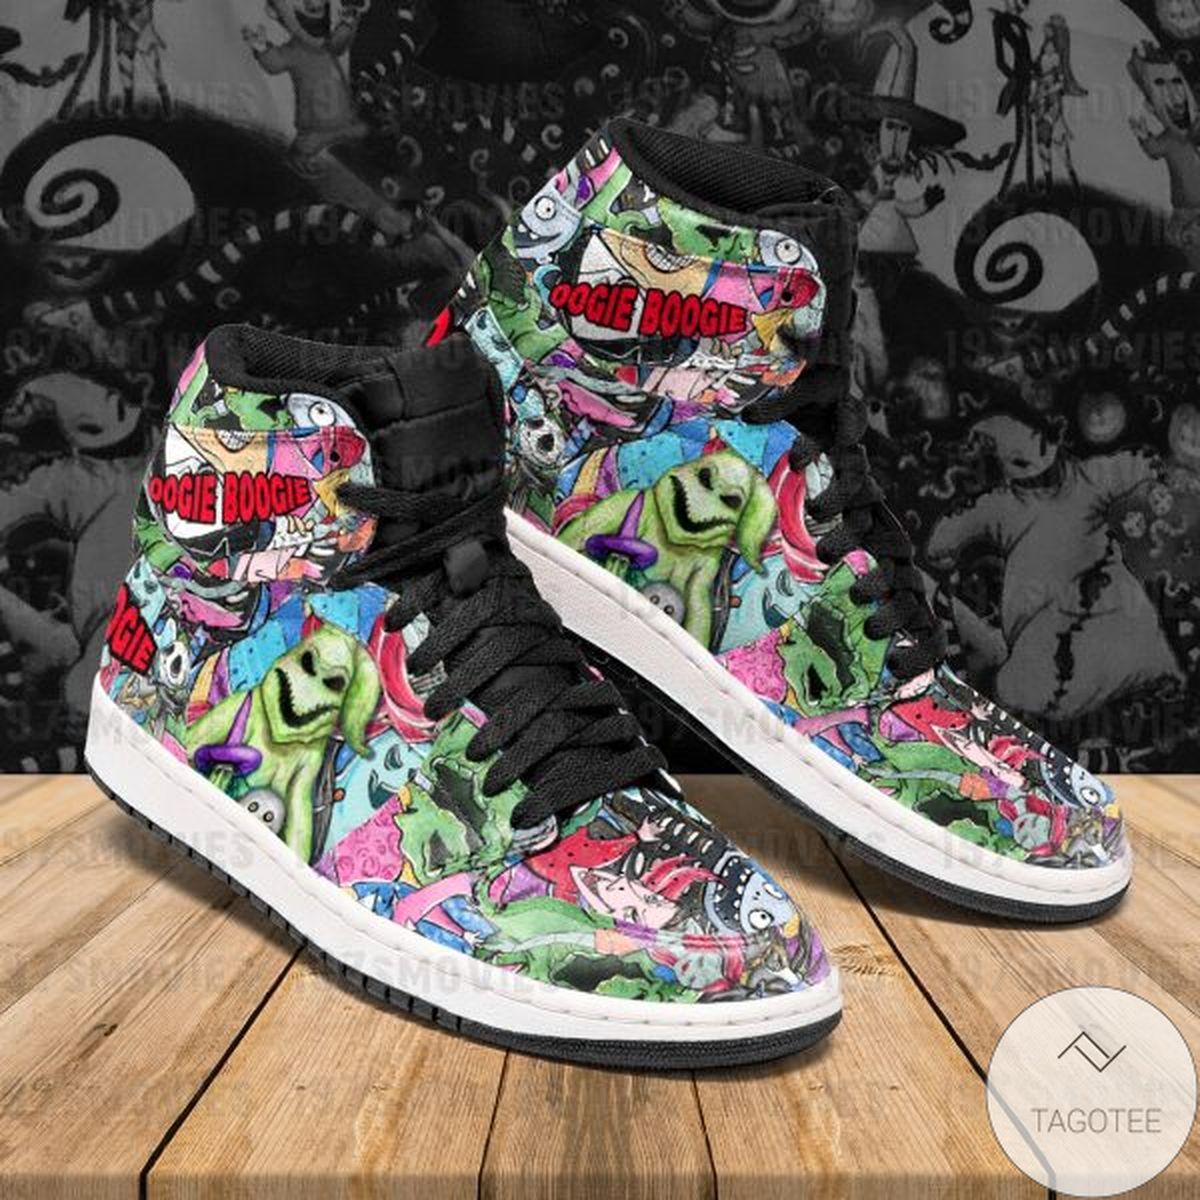 Oogie Boogie Sneaker Air Jordan High Top Shoes